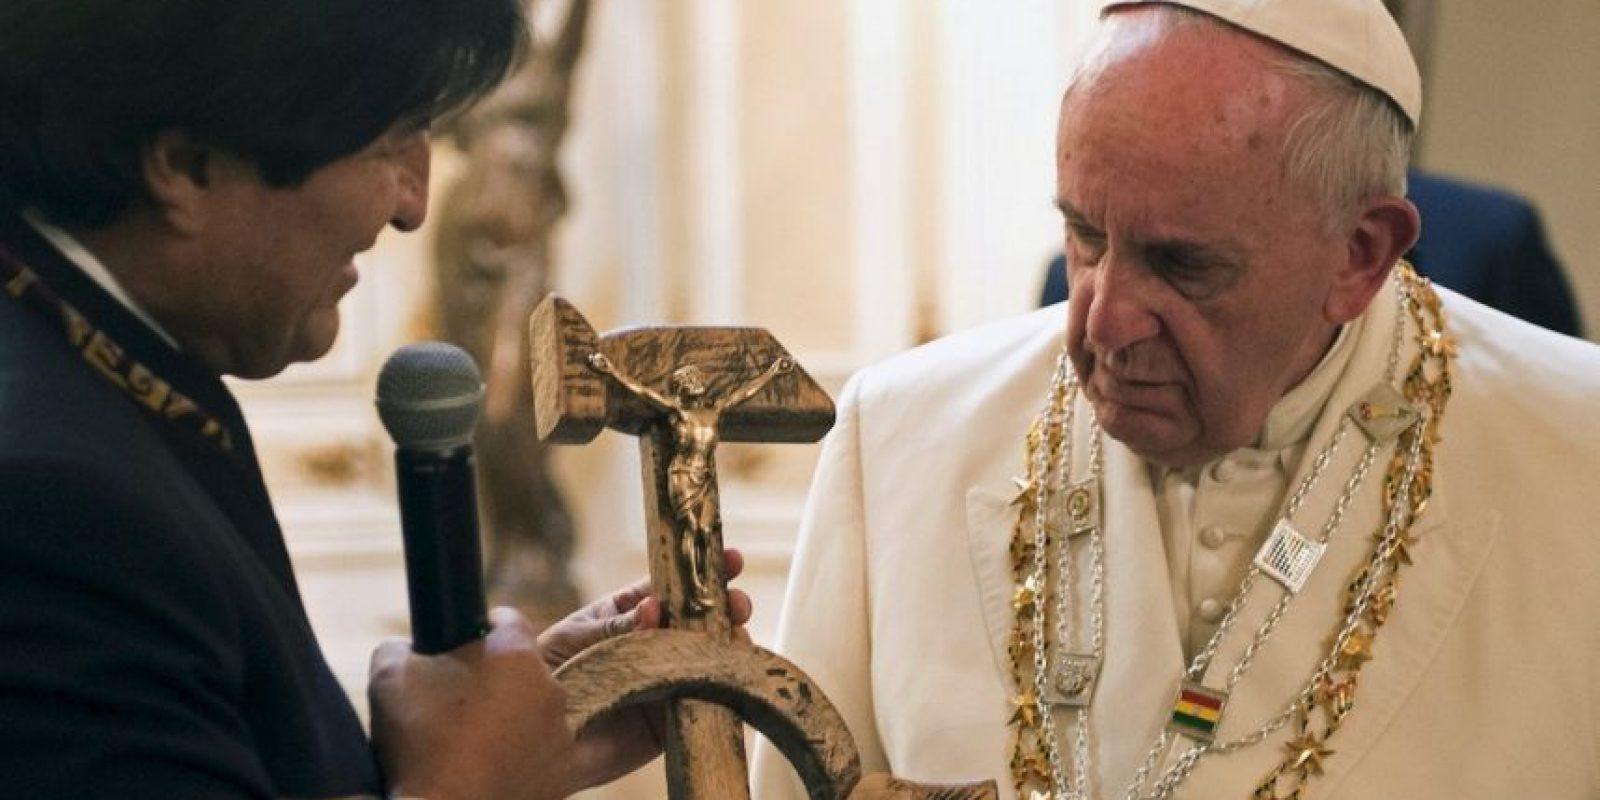 El presidente Evo Morales le regaló un crucifijo formado con una hoz y un martillo, símbolo del comunismo Foto:AP